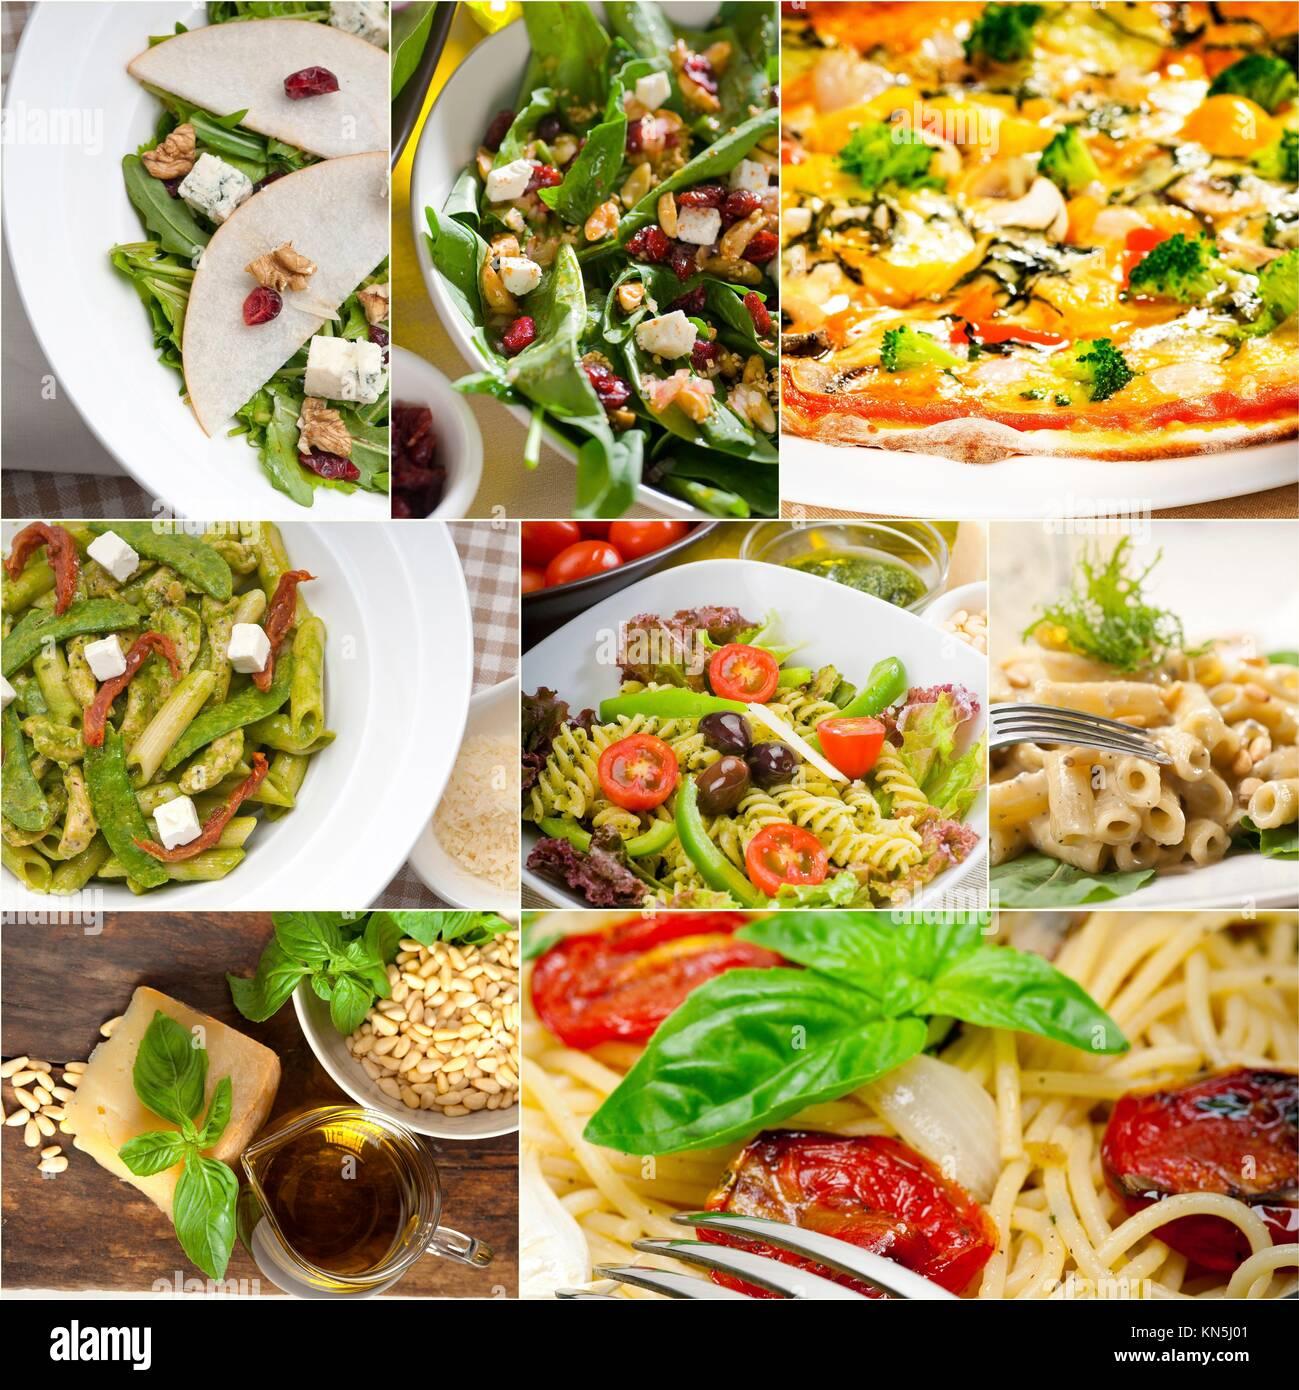 gesunde vegetarische nudeln suppe salat pizza italienische grundnahrungsmittel collage stockfoto. Black Bedroom Furniture Sets. Home Design Ideas